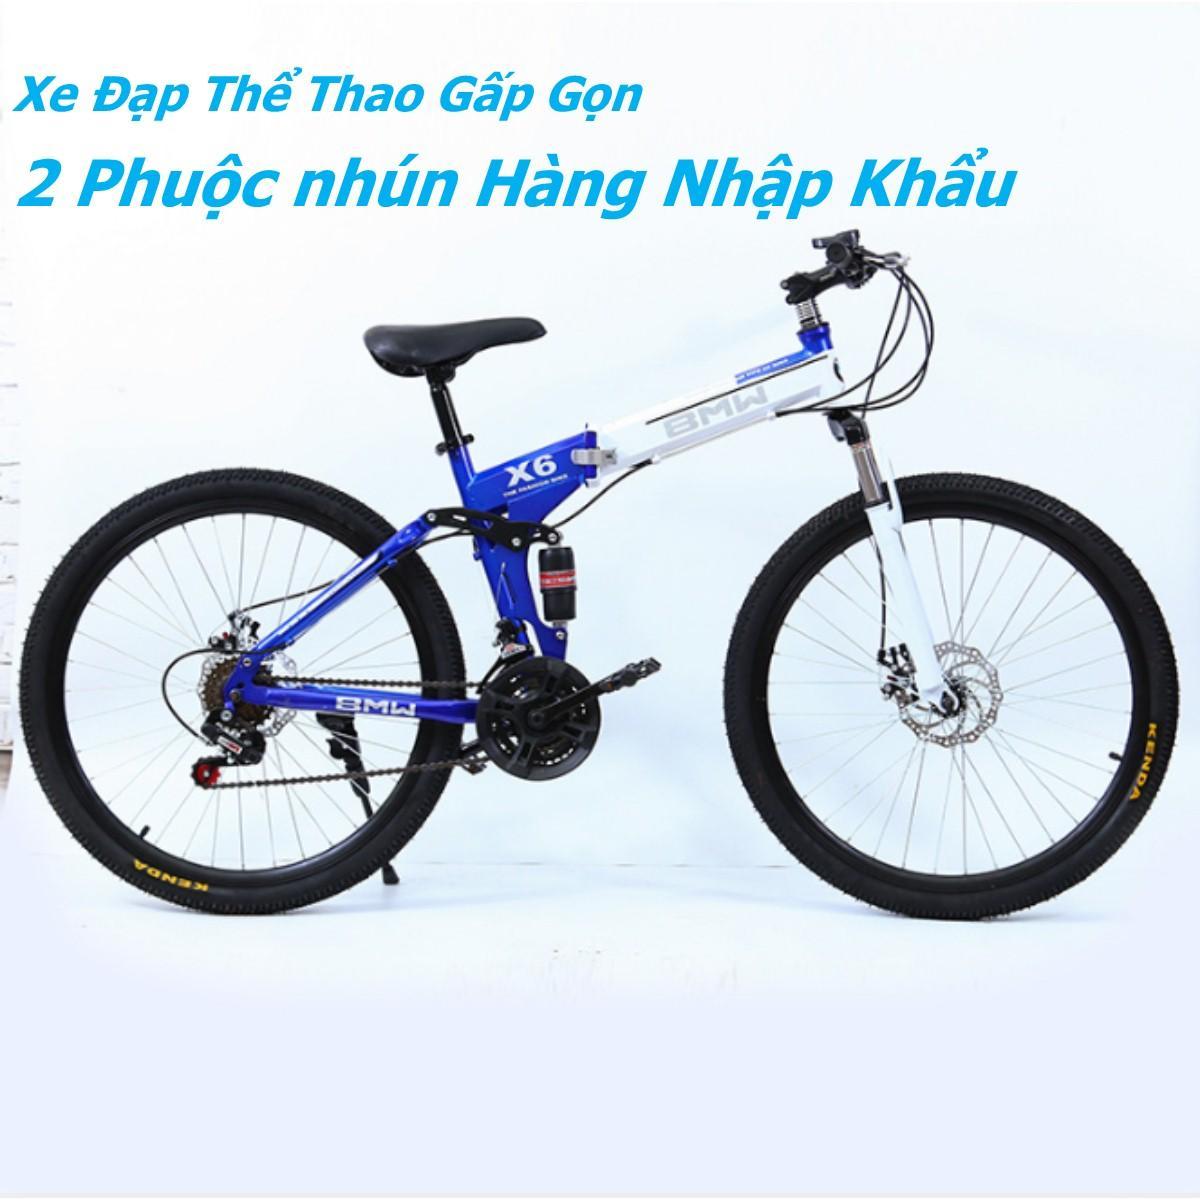 Xe đạp leo núi gấp gọn Xpro cao cấp 2 phuộc nhún 2 thắng đĩa